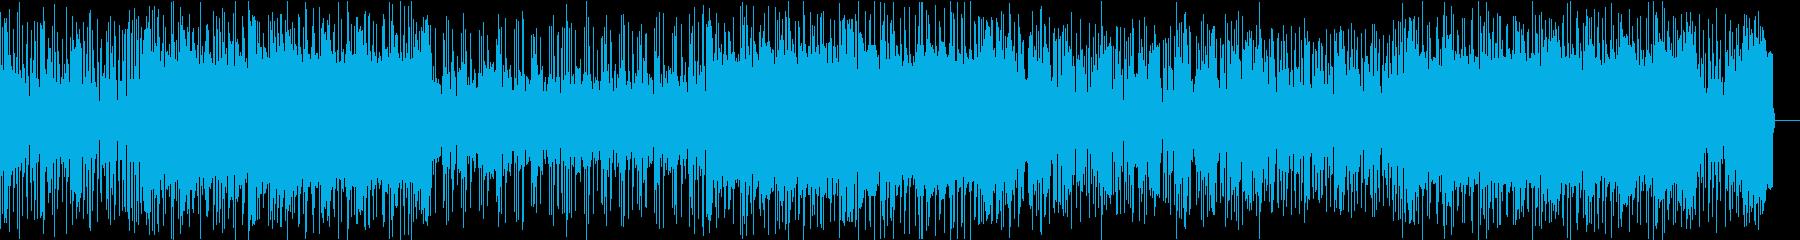 カッコいいファンクロックのギターインストの再生済みの波形